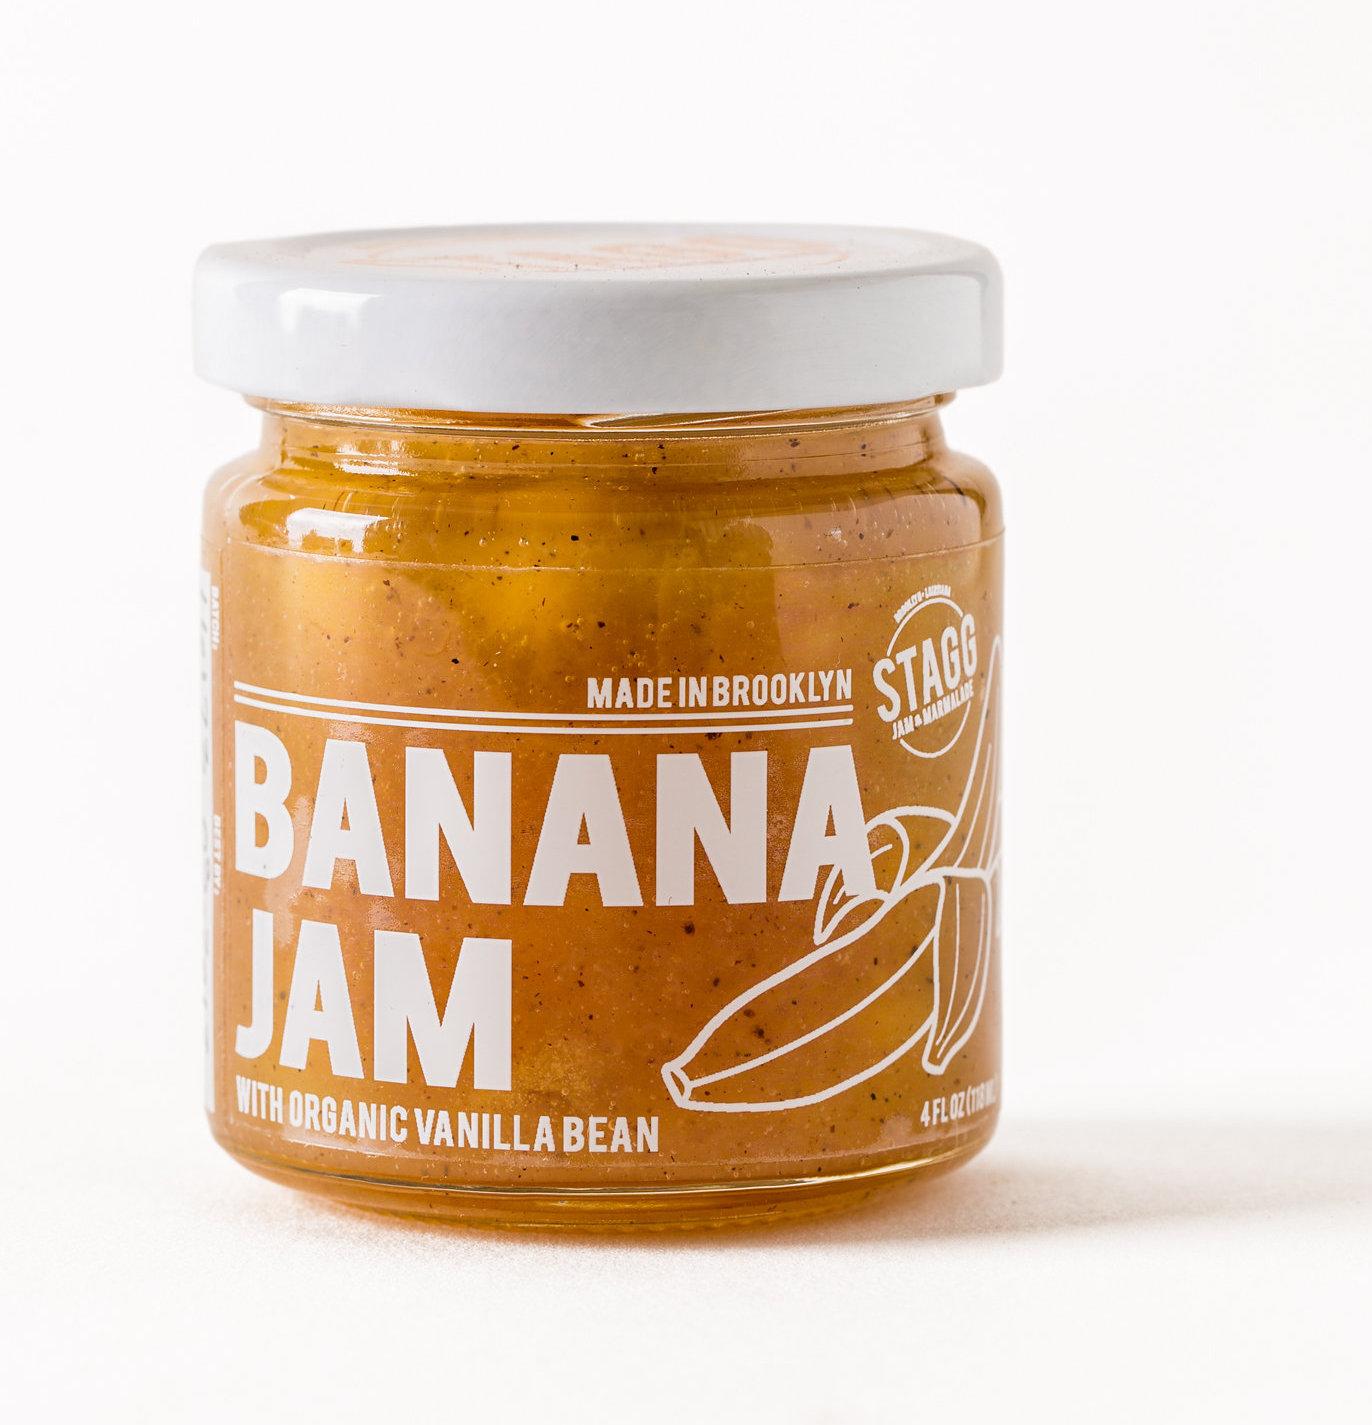 Banana-Jam-Stagg-handmade-smallbatch-jam-.jpg